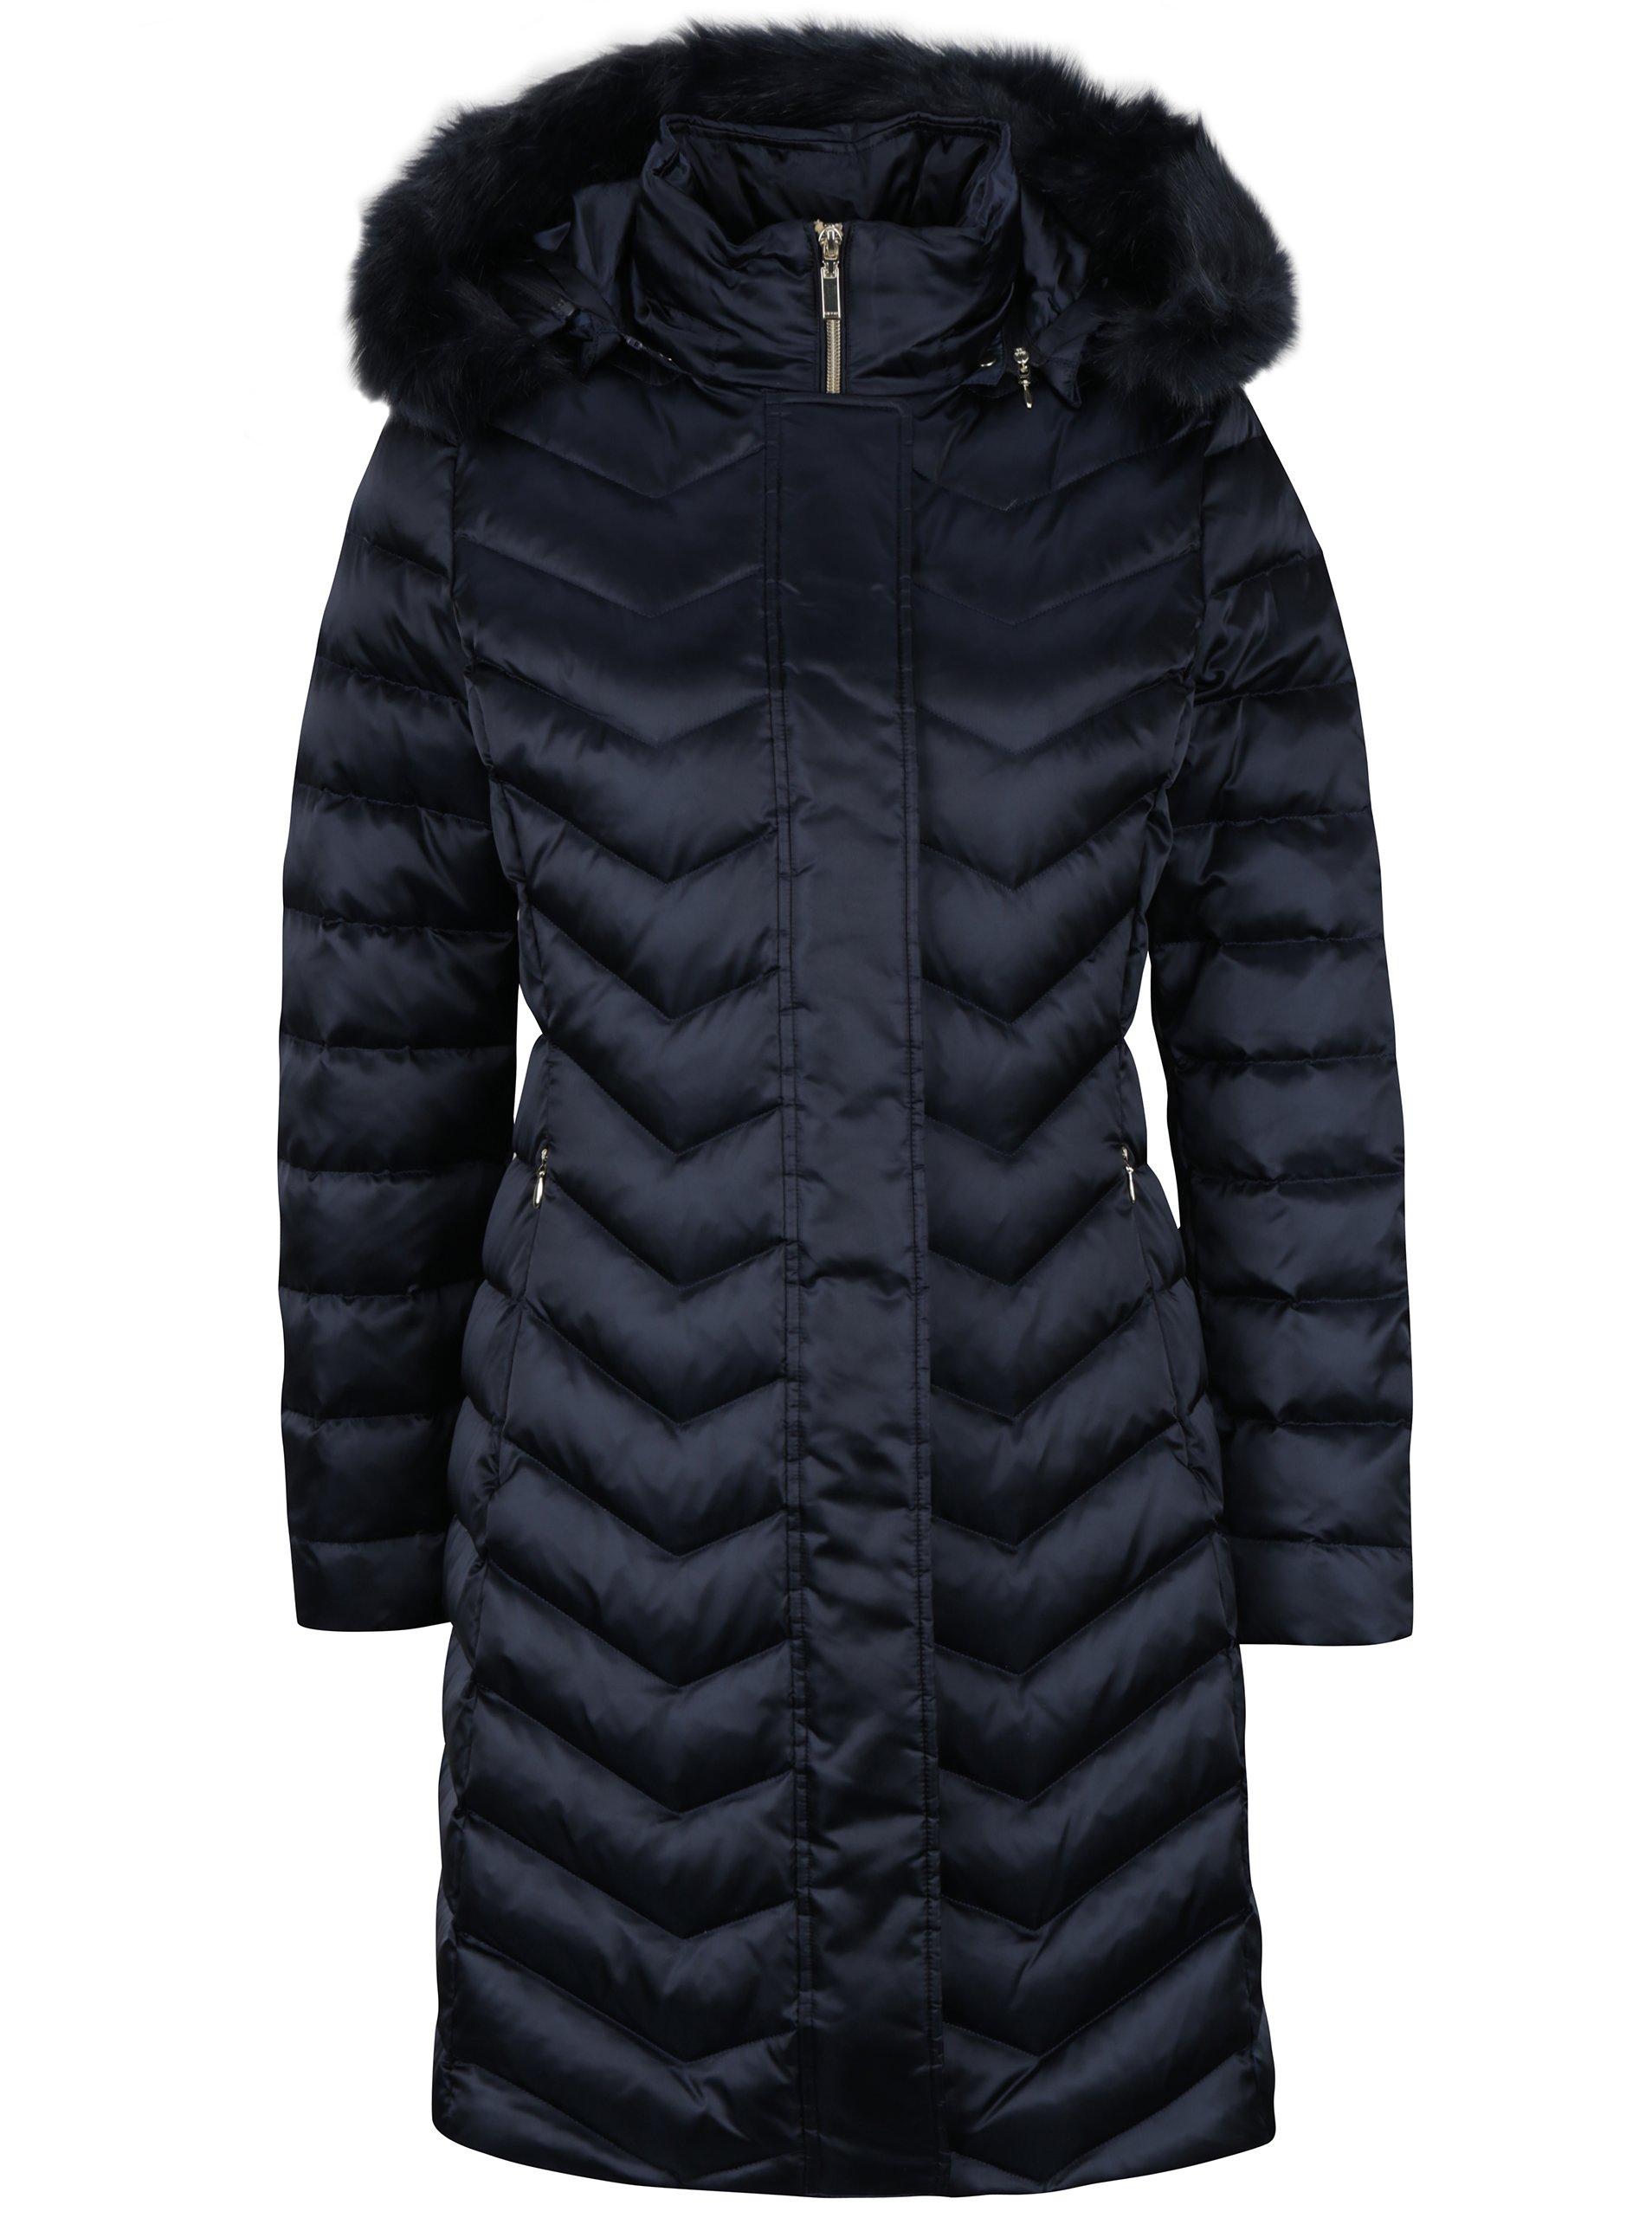 Tmavě modrý dámský prošívaný péřový kabát Geox